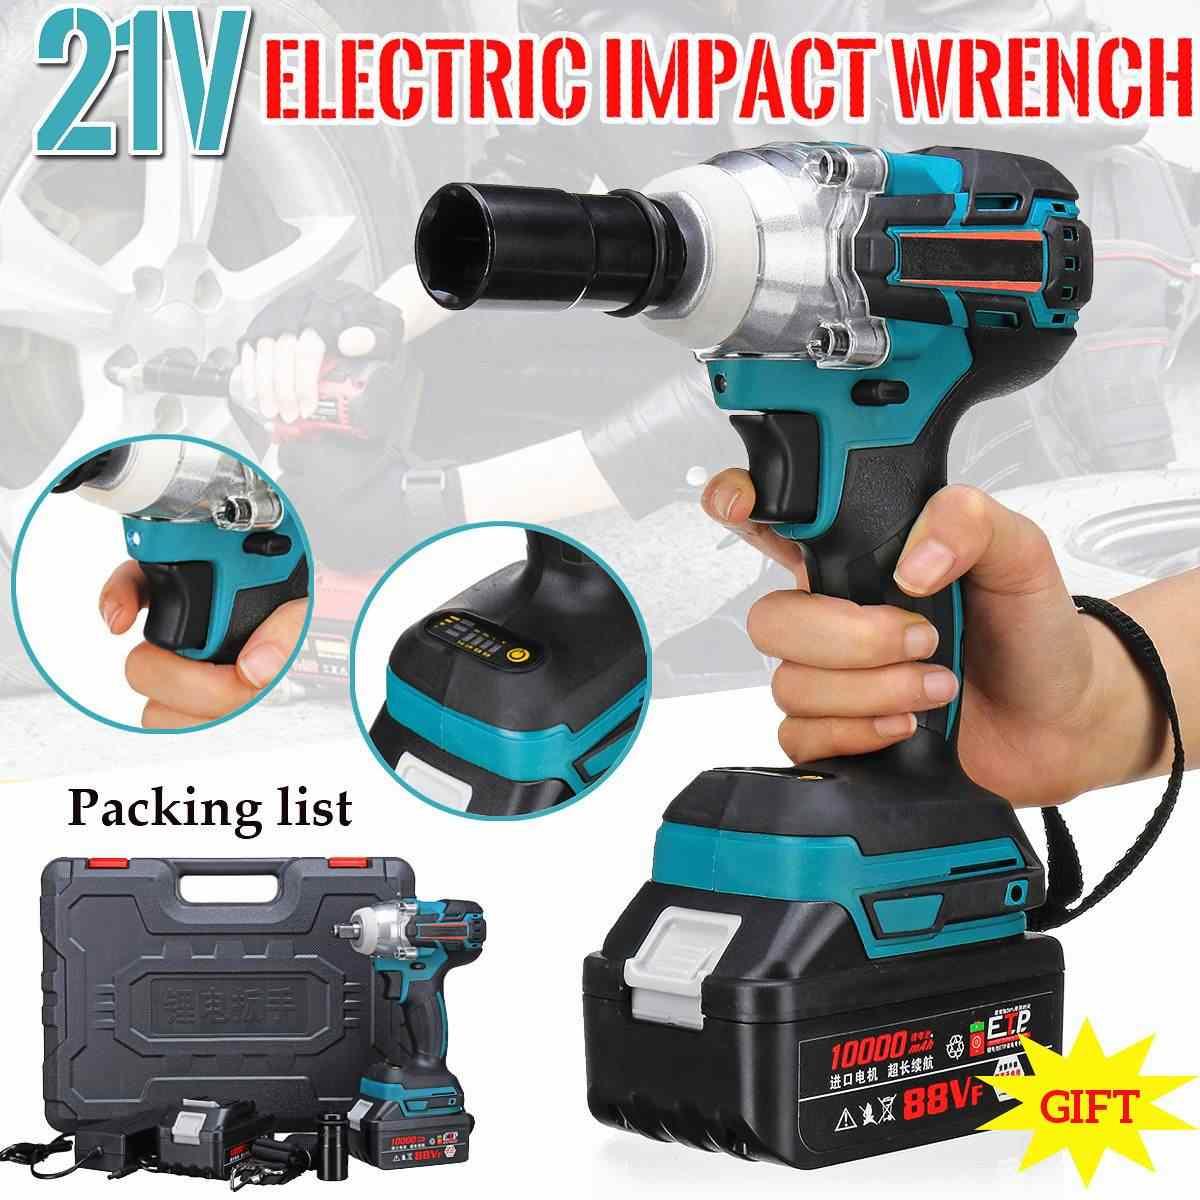 21V 10000mah Li-ion elektryczny klucz udarowy pistolety 330Nm Max moment obrotowy klucz udarowy Cordless 2 baterie 1 ładowarka elektronarzędzia